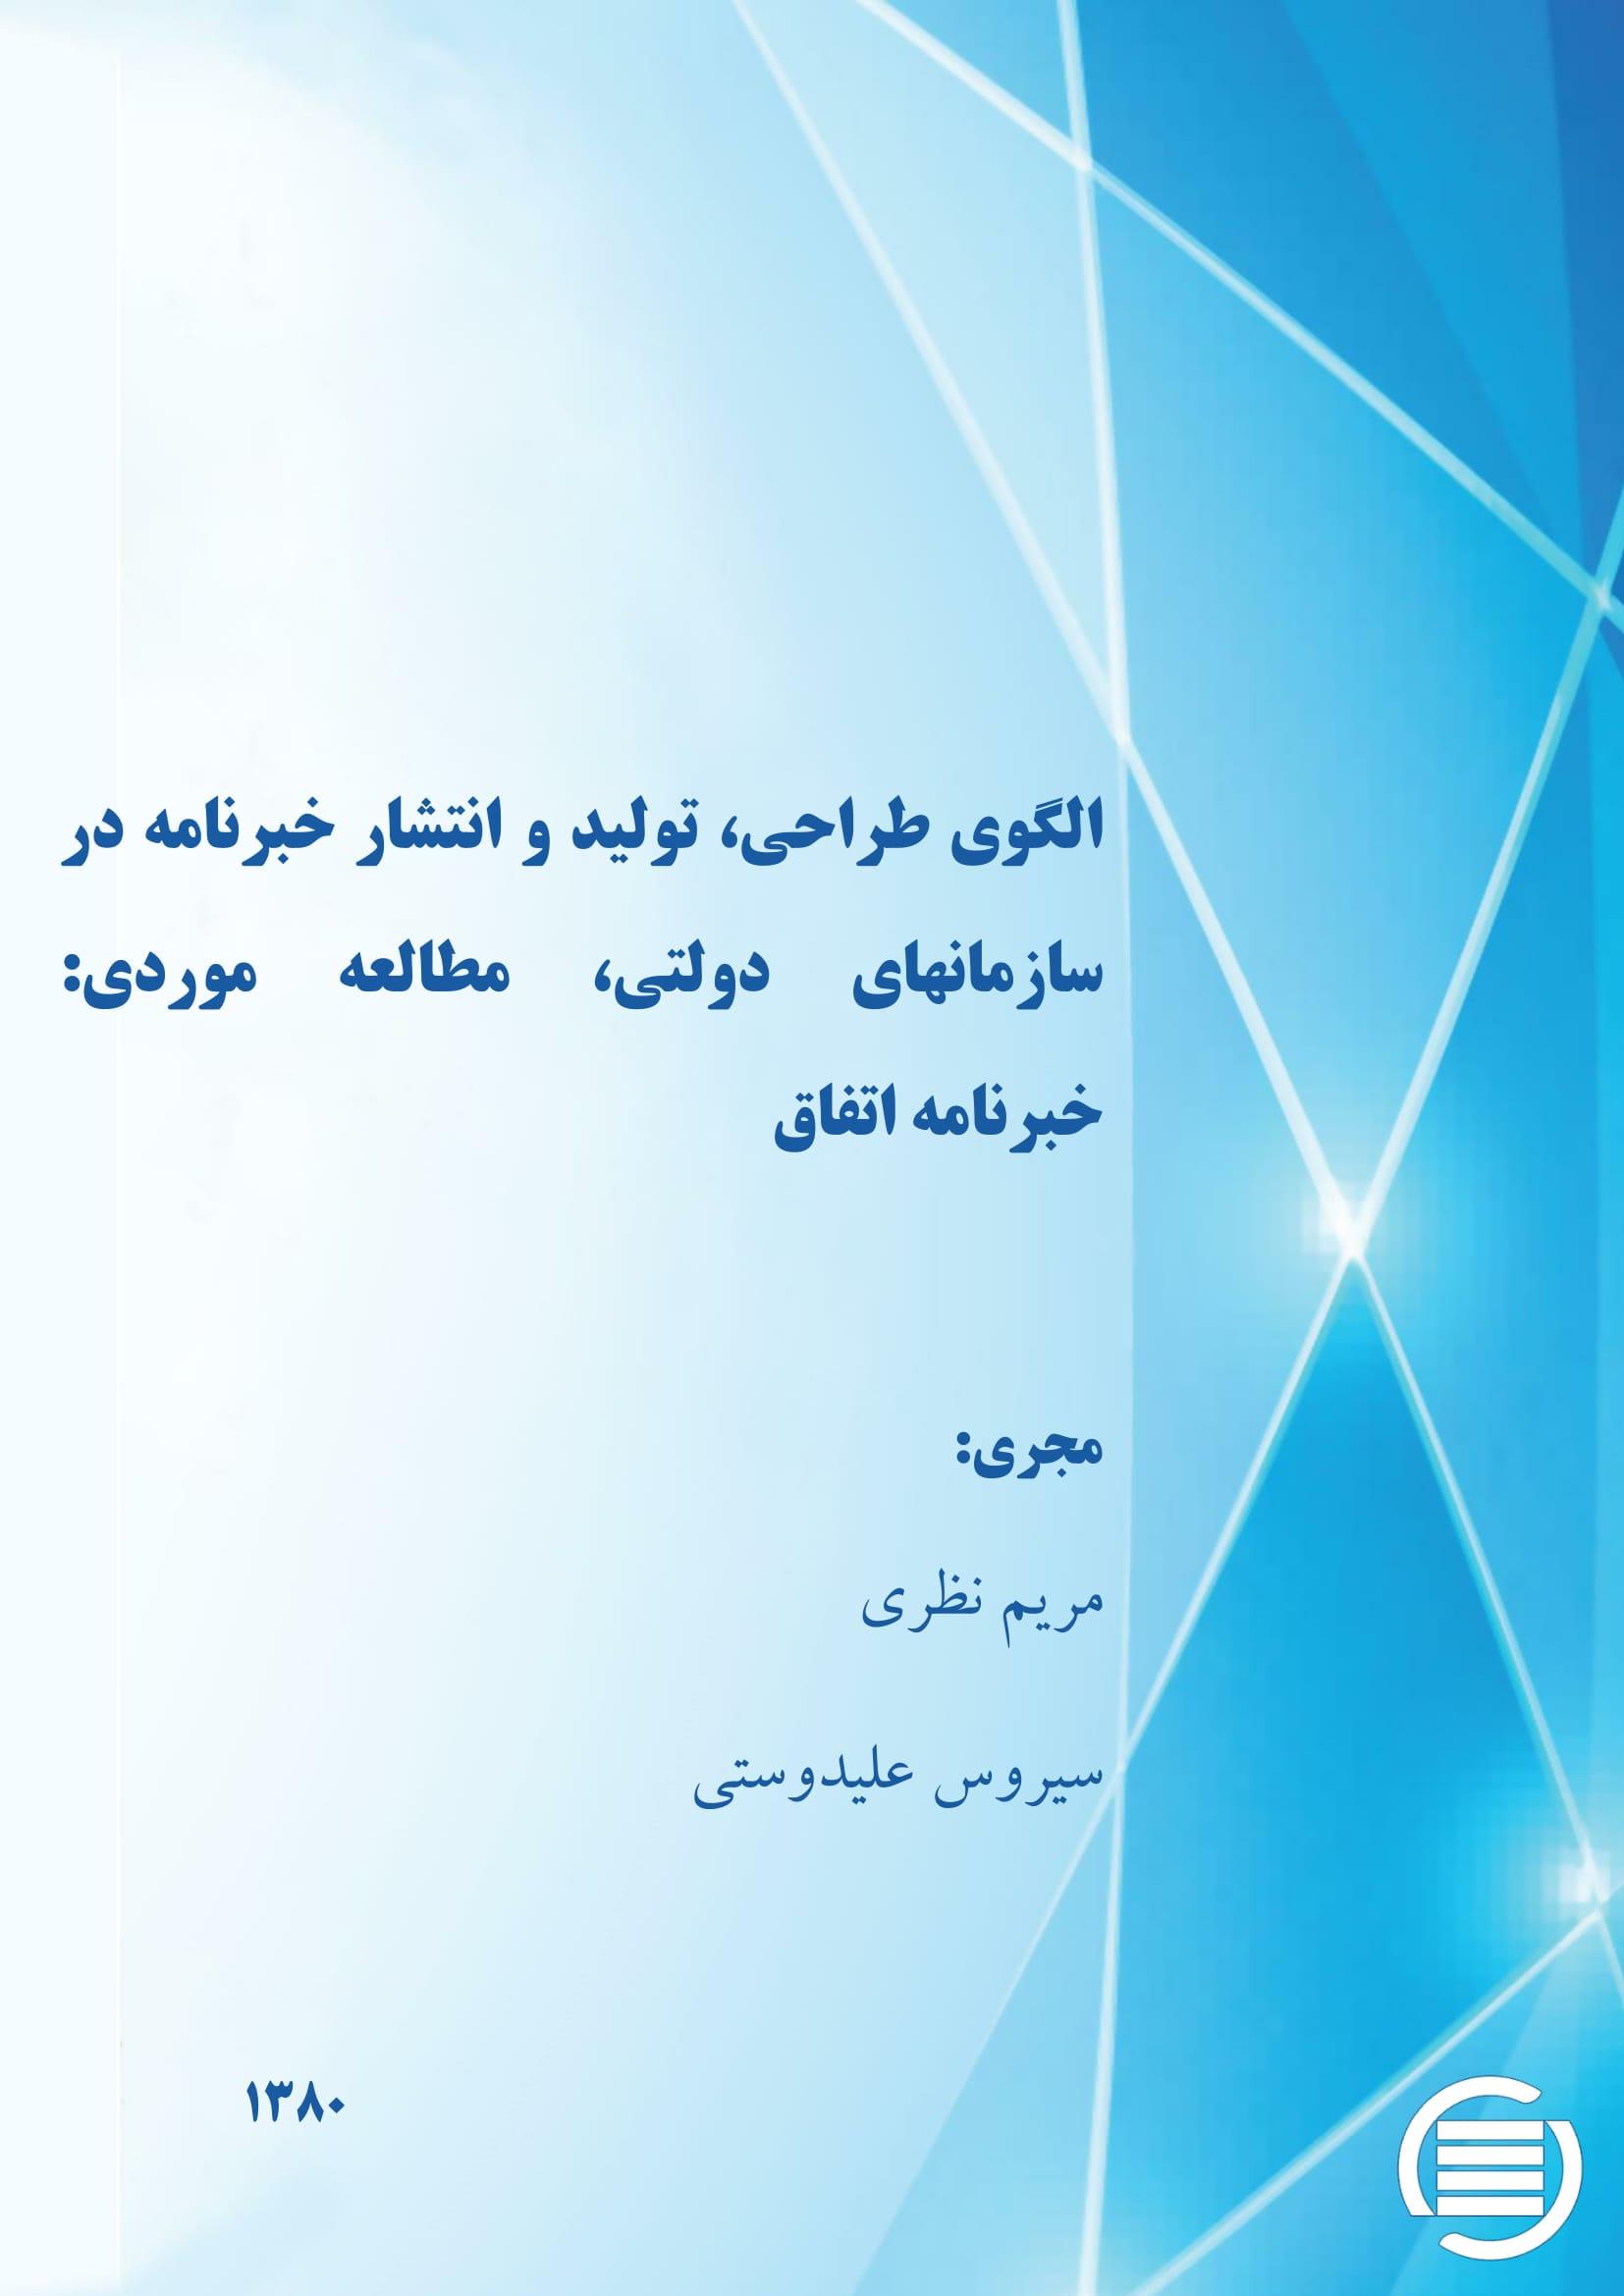 الگوی طراحی، تولید و انتشار خبرنامه در سازمانهای دولتی، مطالعه موردی: خبرنامه اتفاق